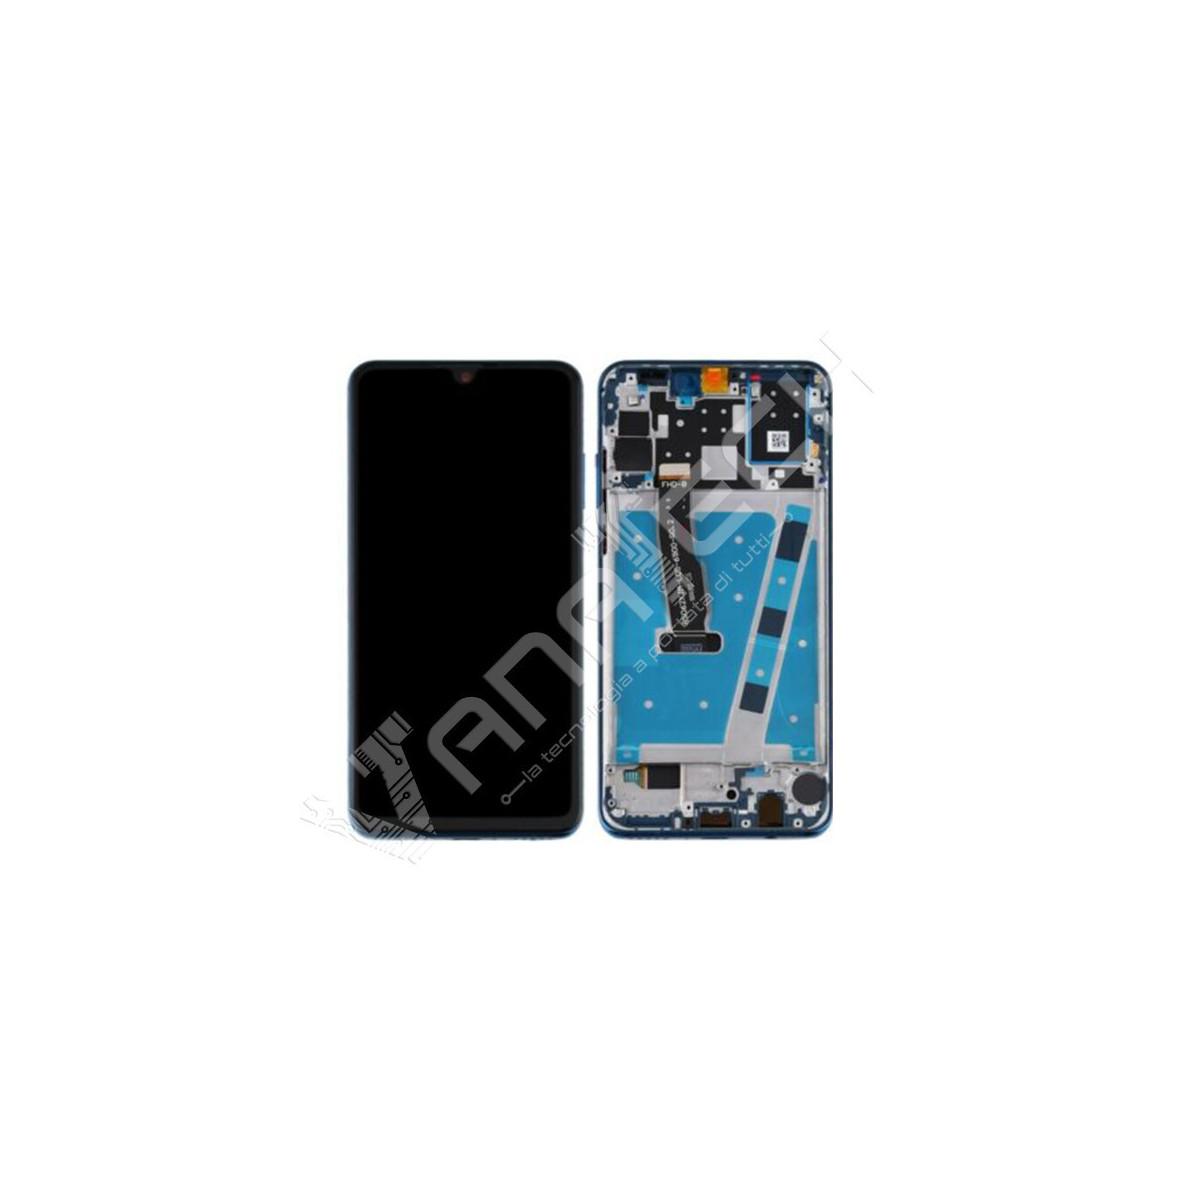 HARD DISK INTERNO SSD STATO SOLIDO SAMSUNG 250GB 860 EVO SATA 6GB/s